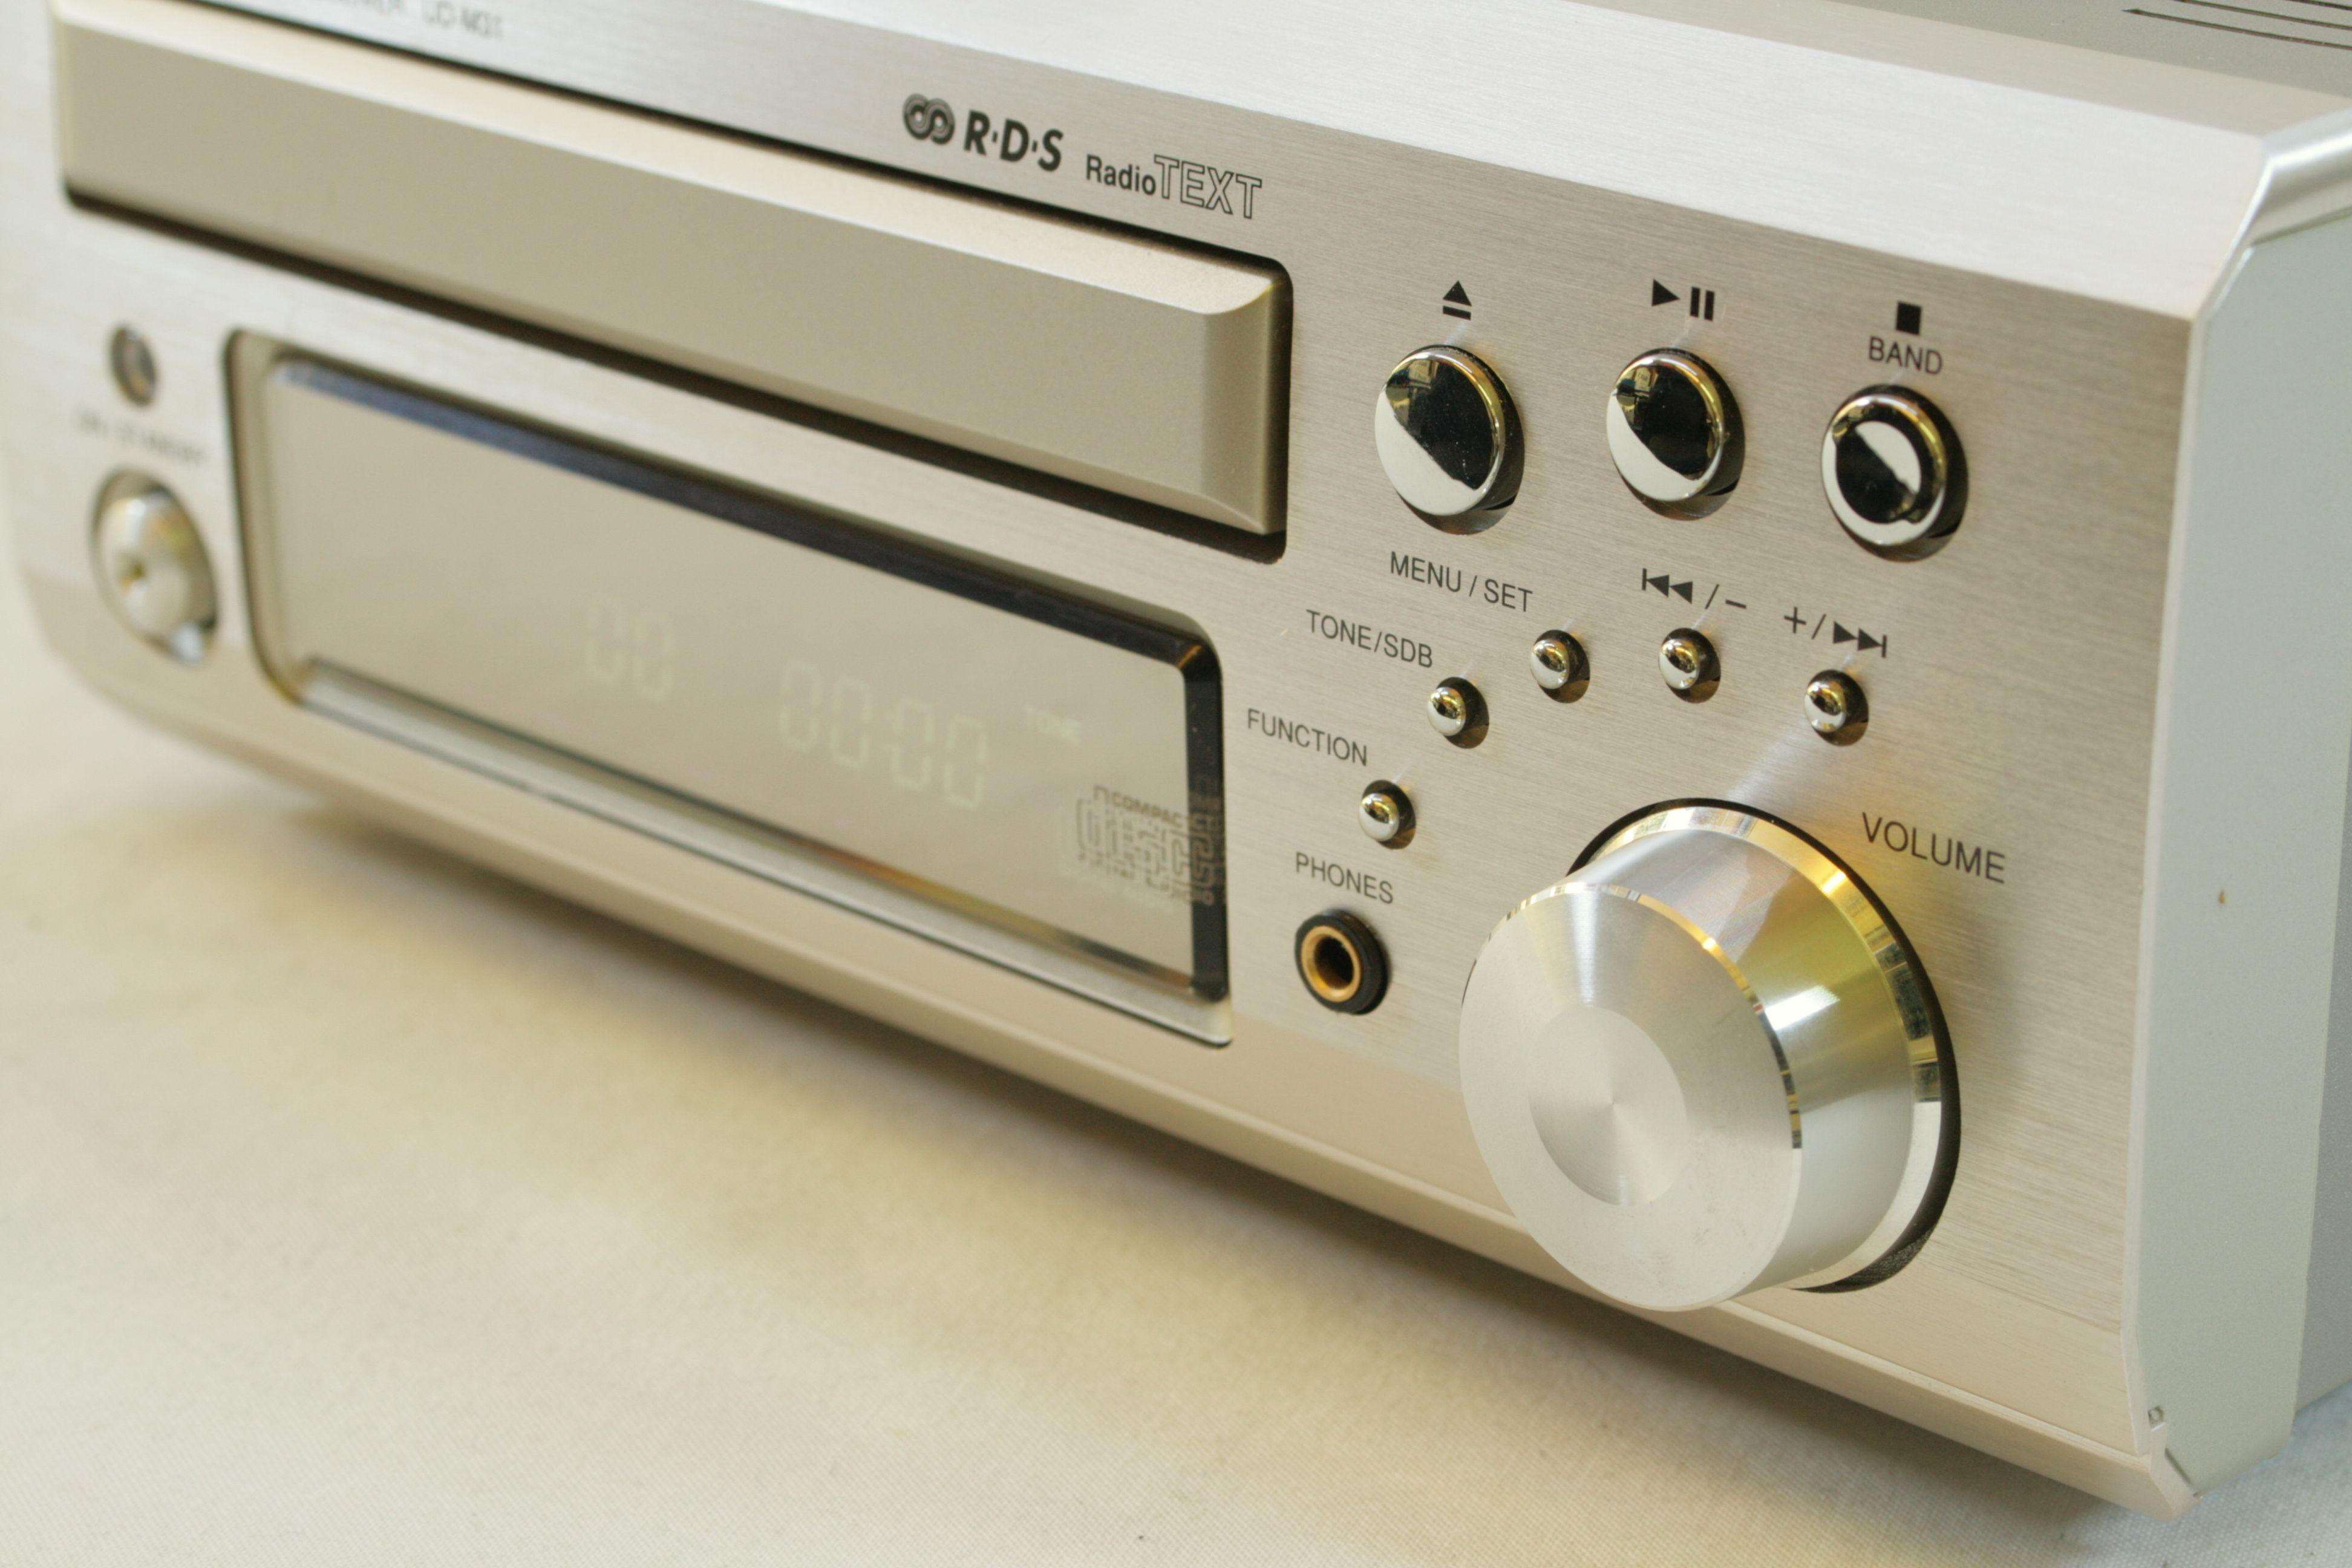 denon ud m31 mini shelf cd receiver player system with remote control rh arhc callcut net Whirlpool Galaxy M31 Rifle